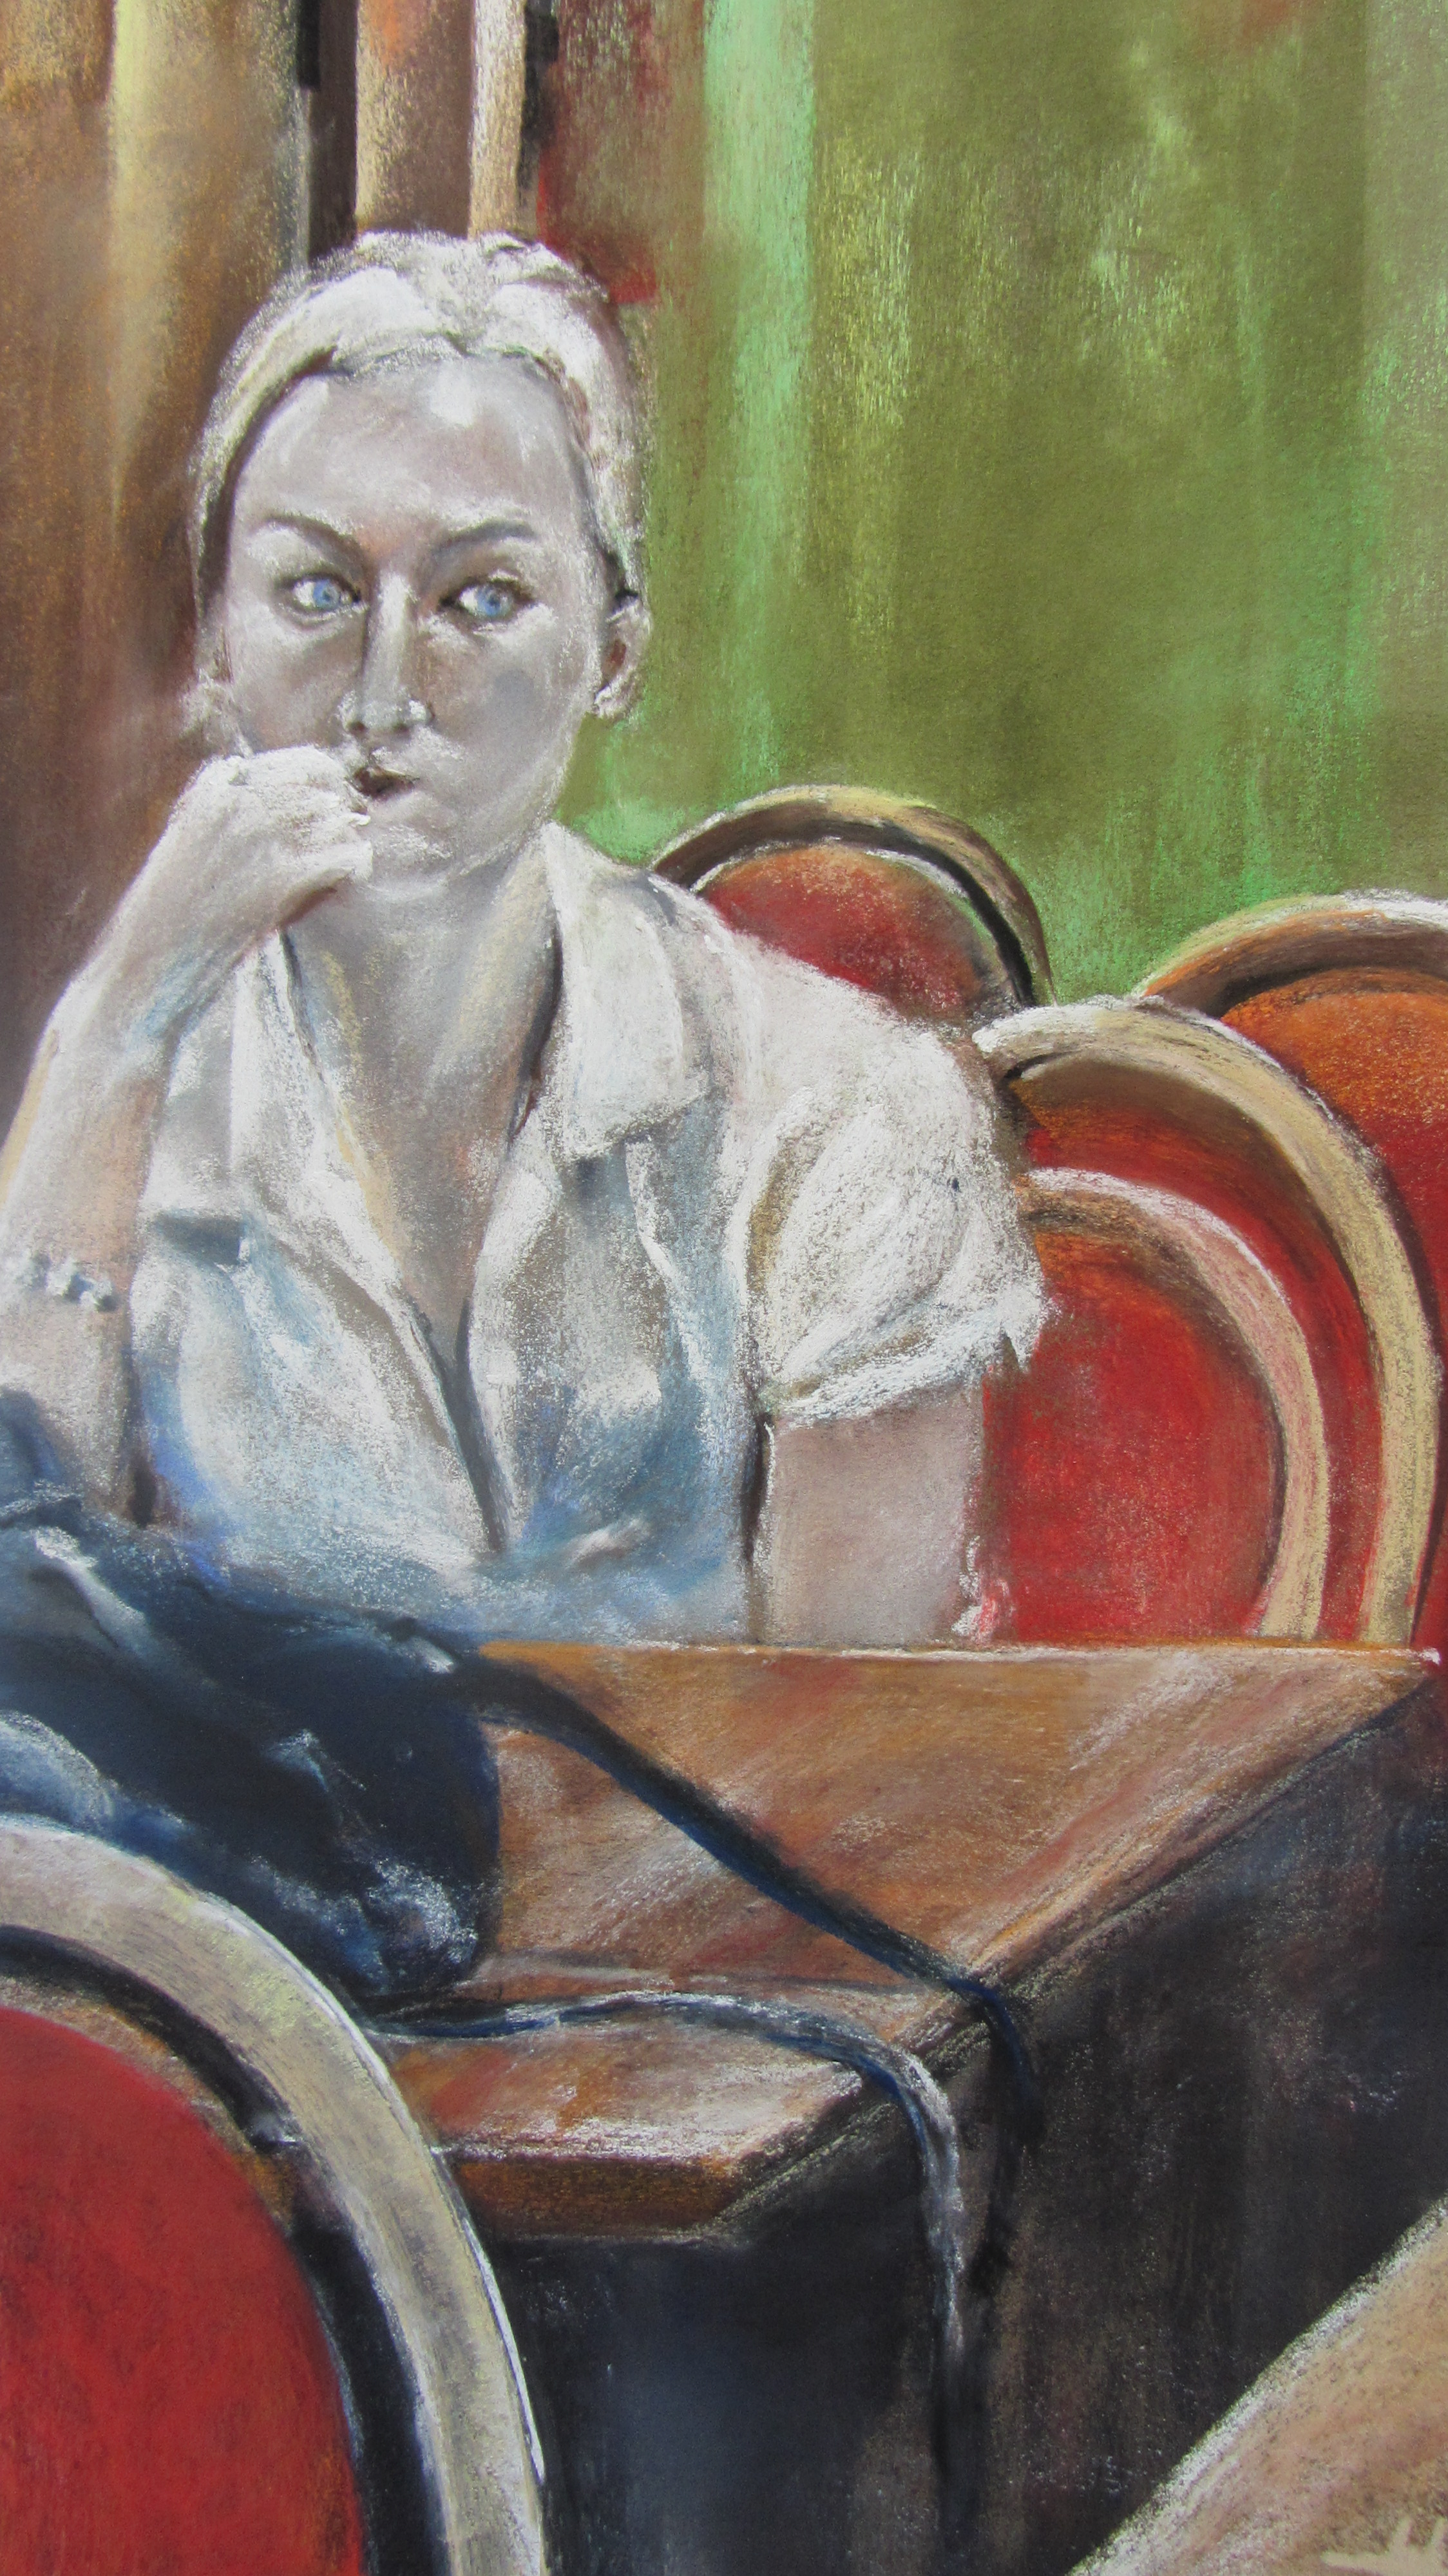 Portrait L'attente - Pastel sec par Isabelle Douzamy - 30x50 cm